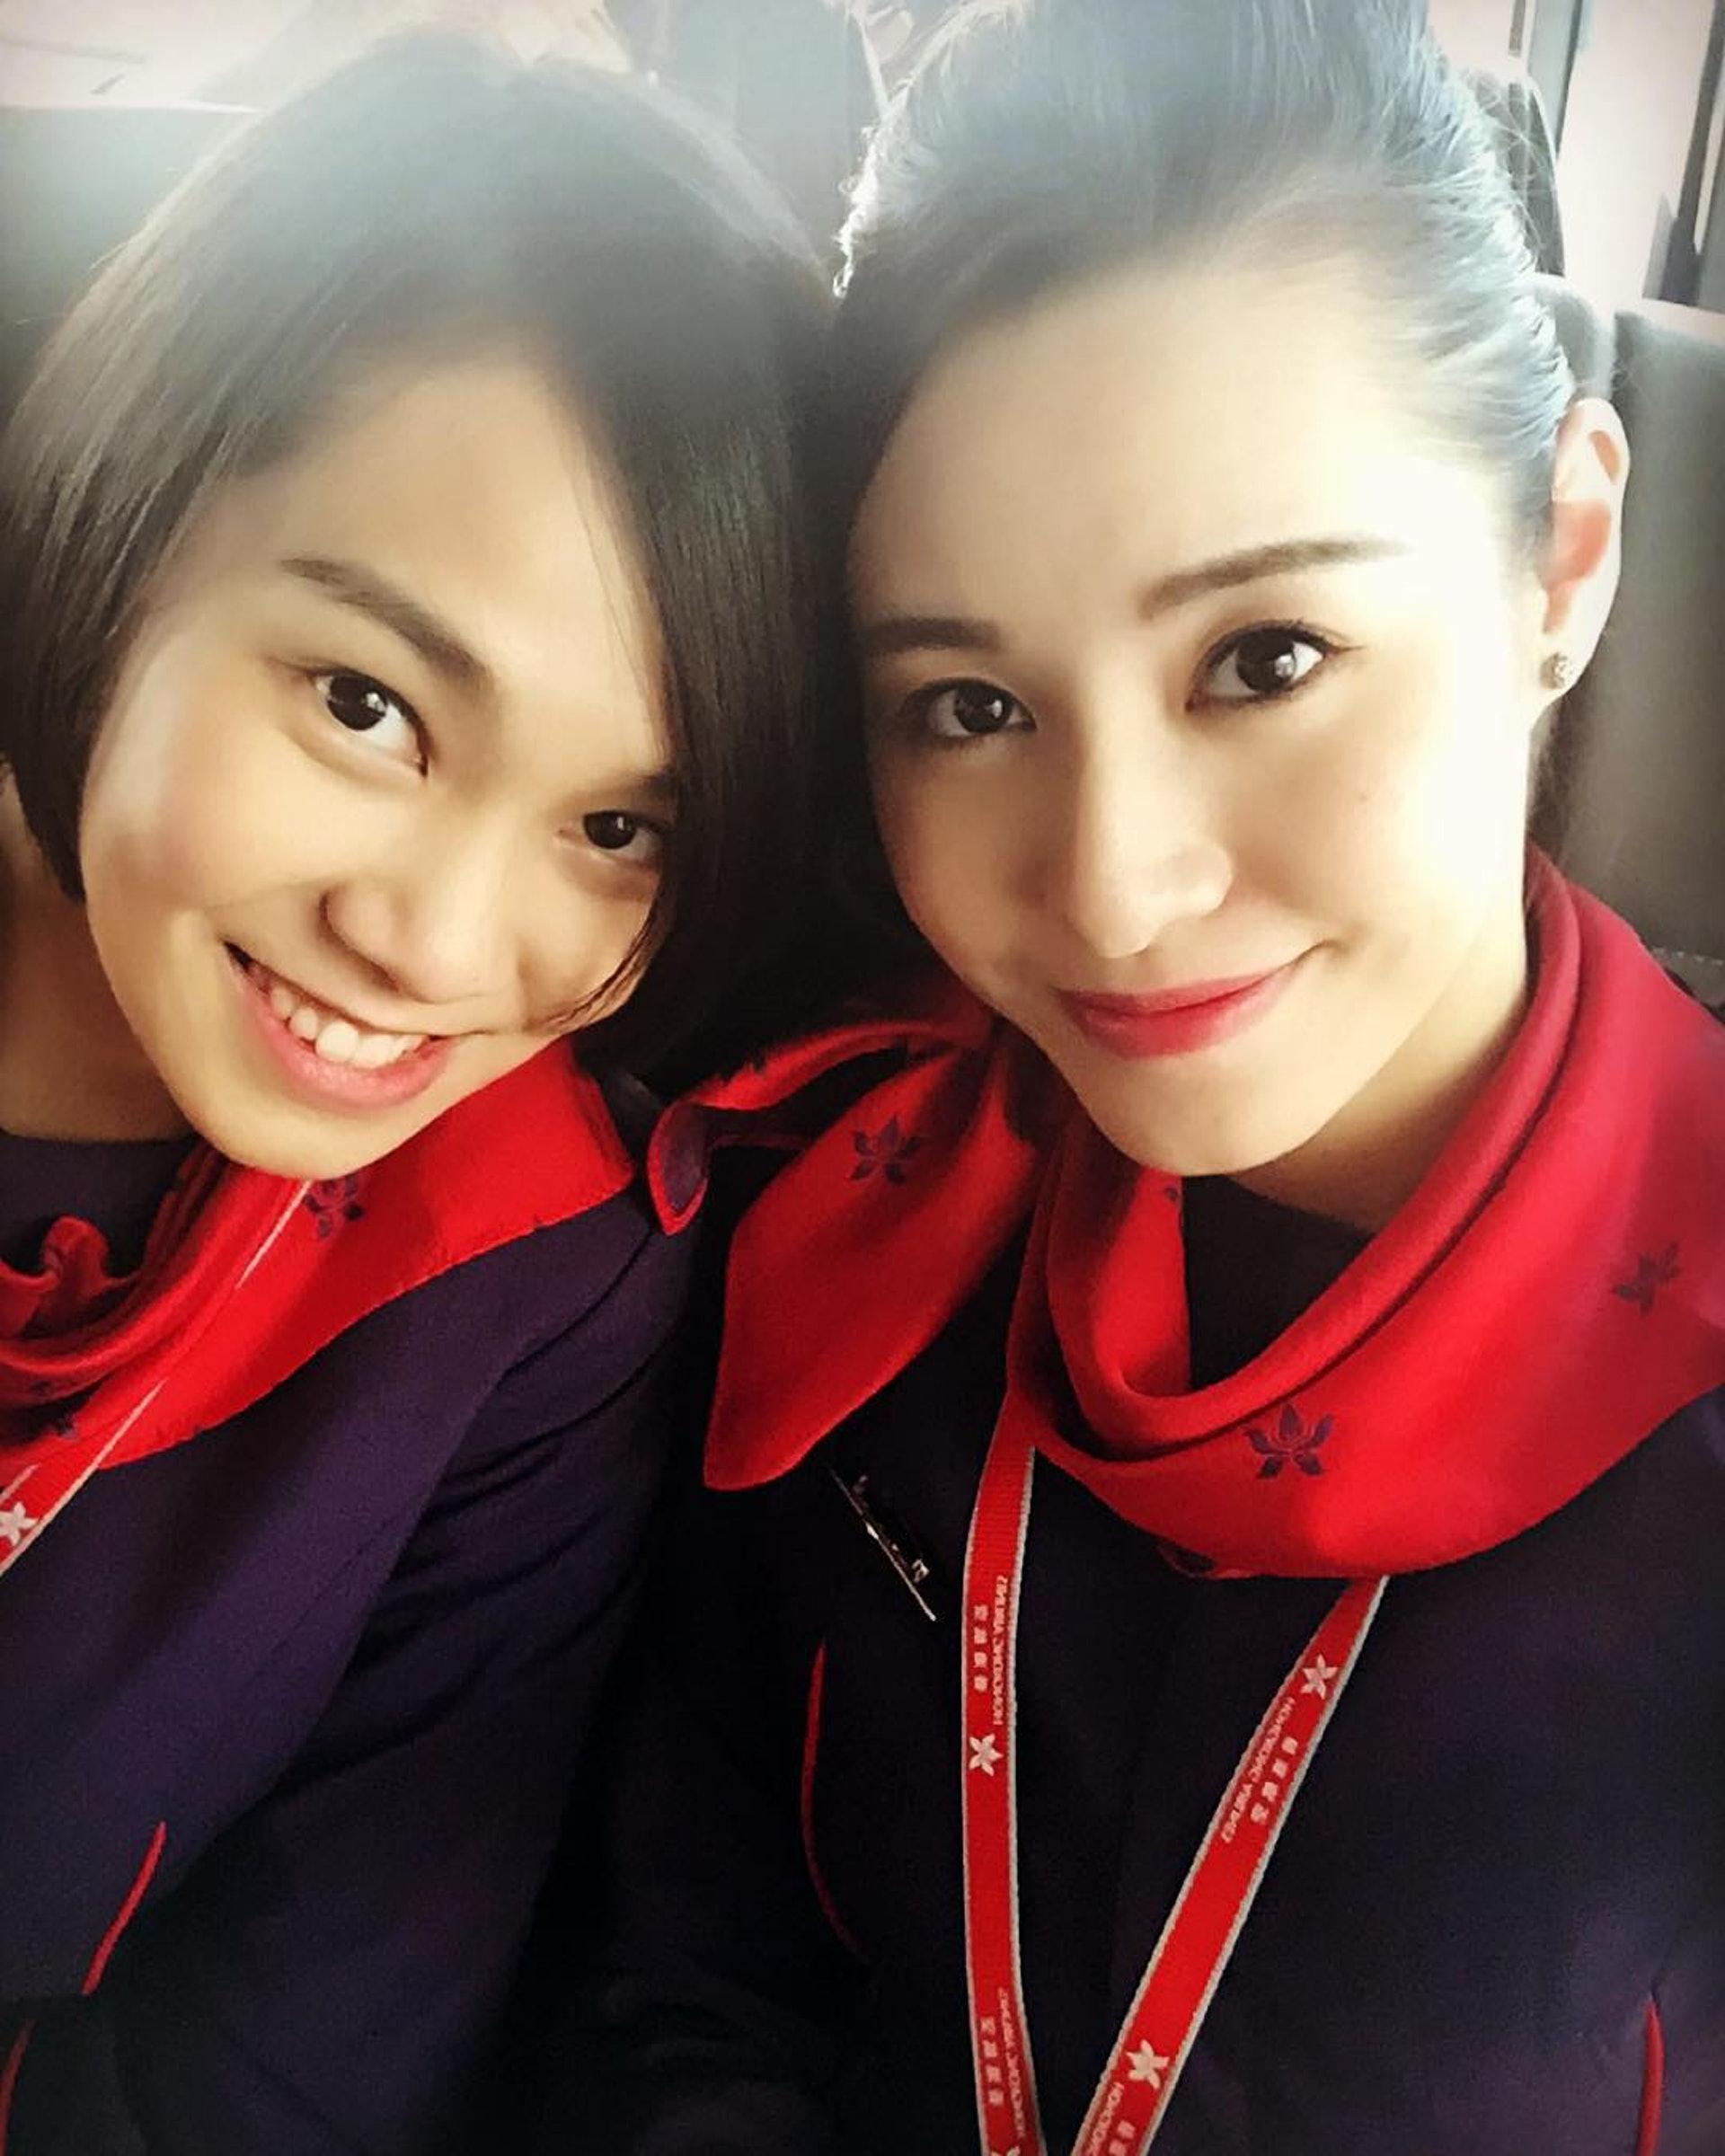 翻看Eunice嘅IG,仲有好多佢以前做空姐時期嘅靚相。(IG圖片)